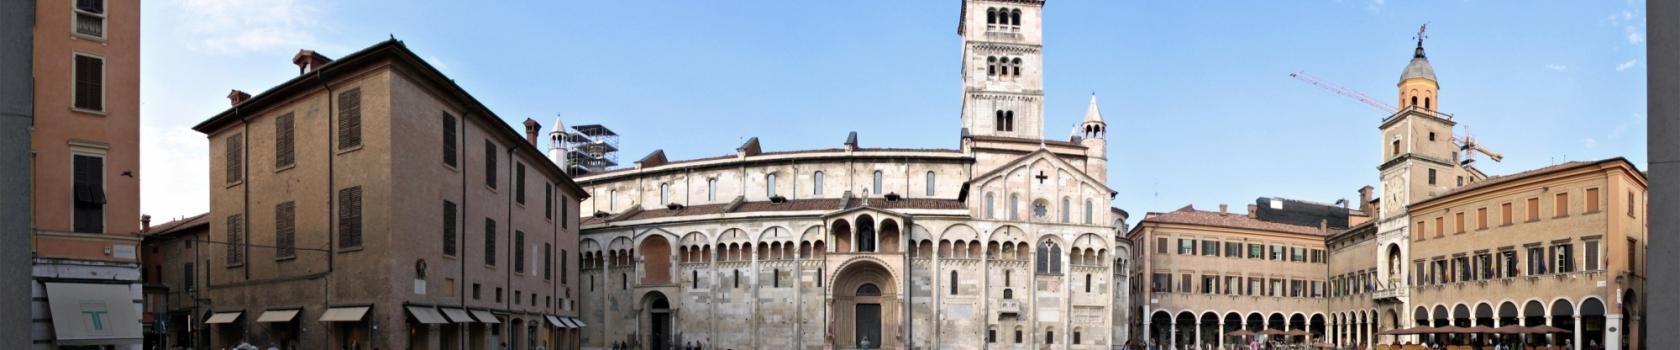 Visita Modena: prenota Hotel Touring a Carpi